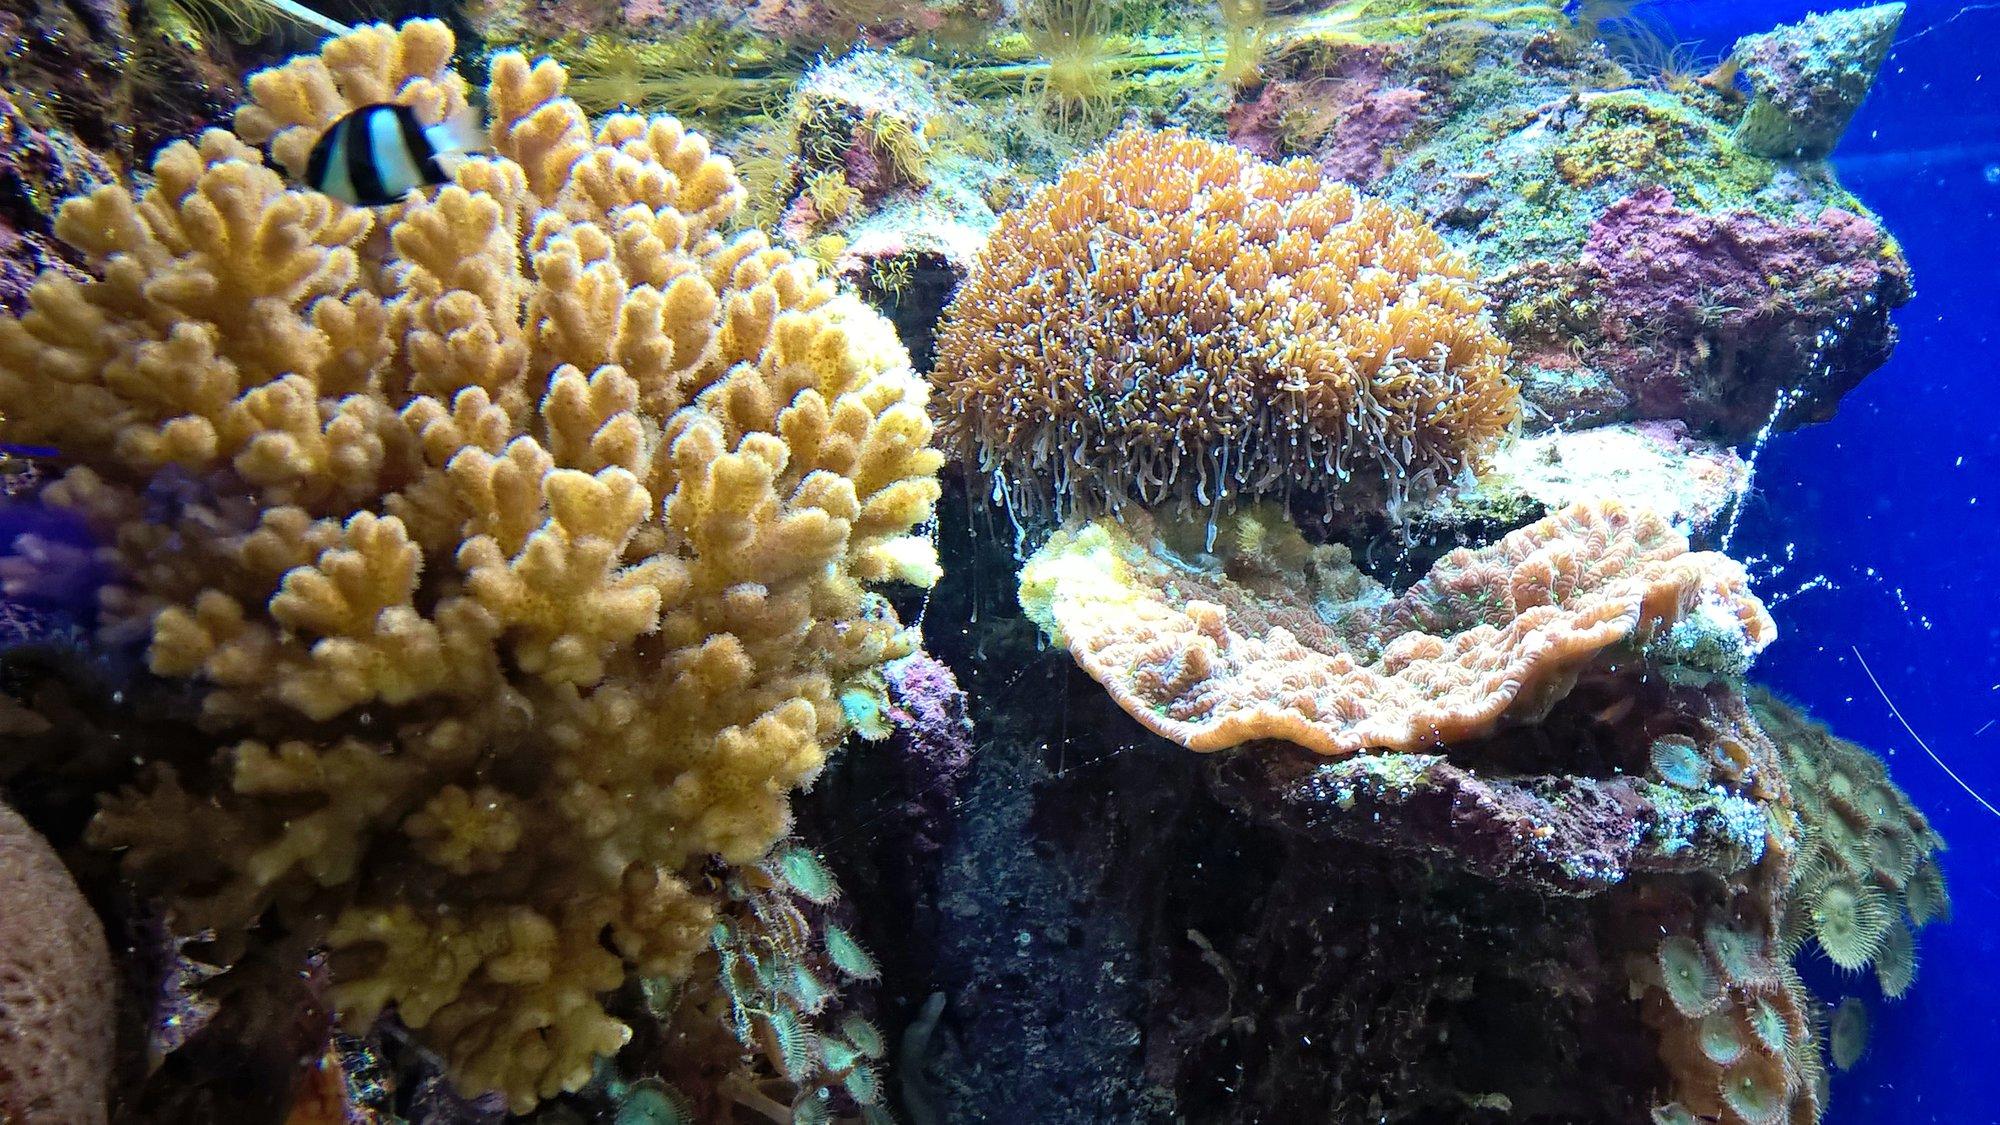 underwater world in aquarium